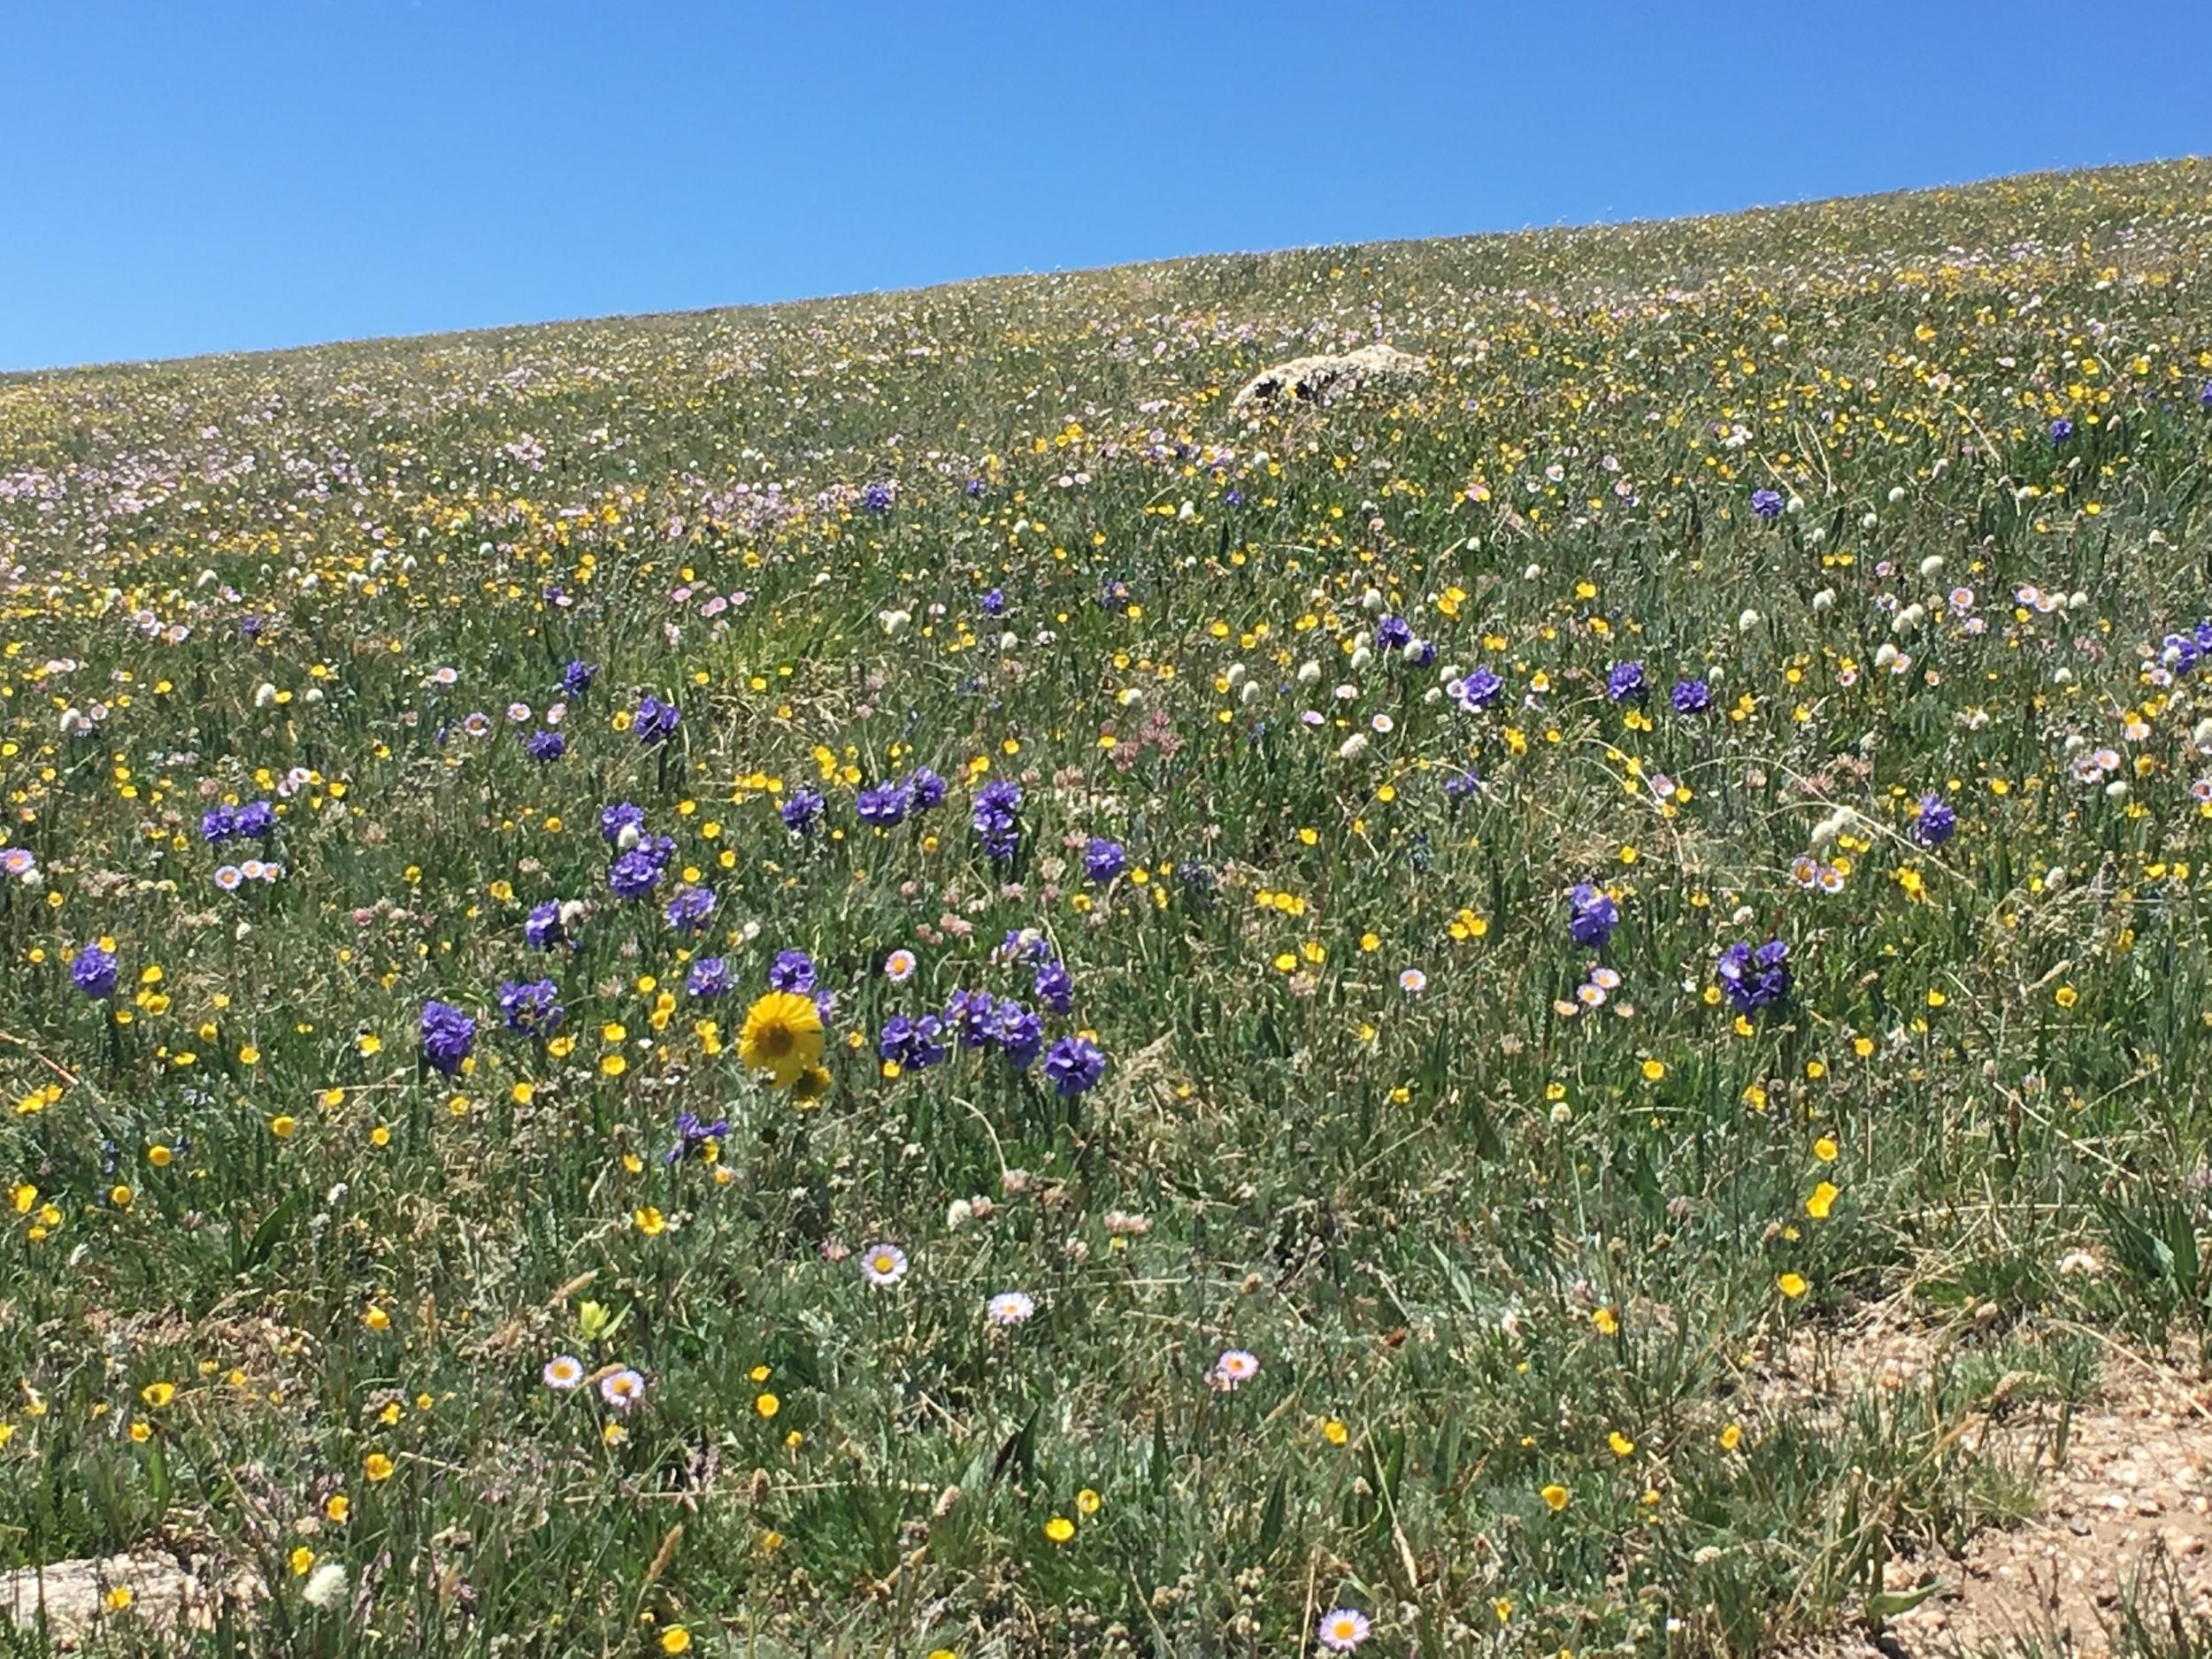 Alpine wildflowers, in July.